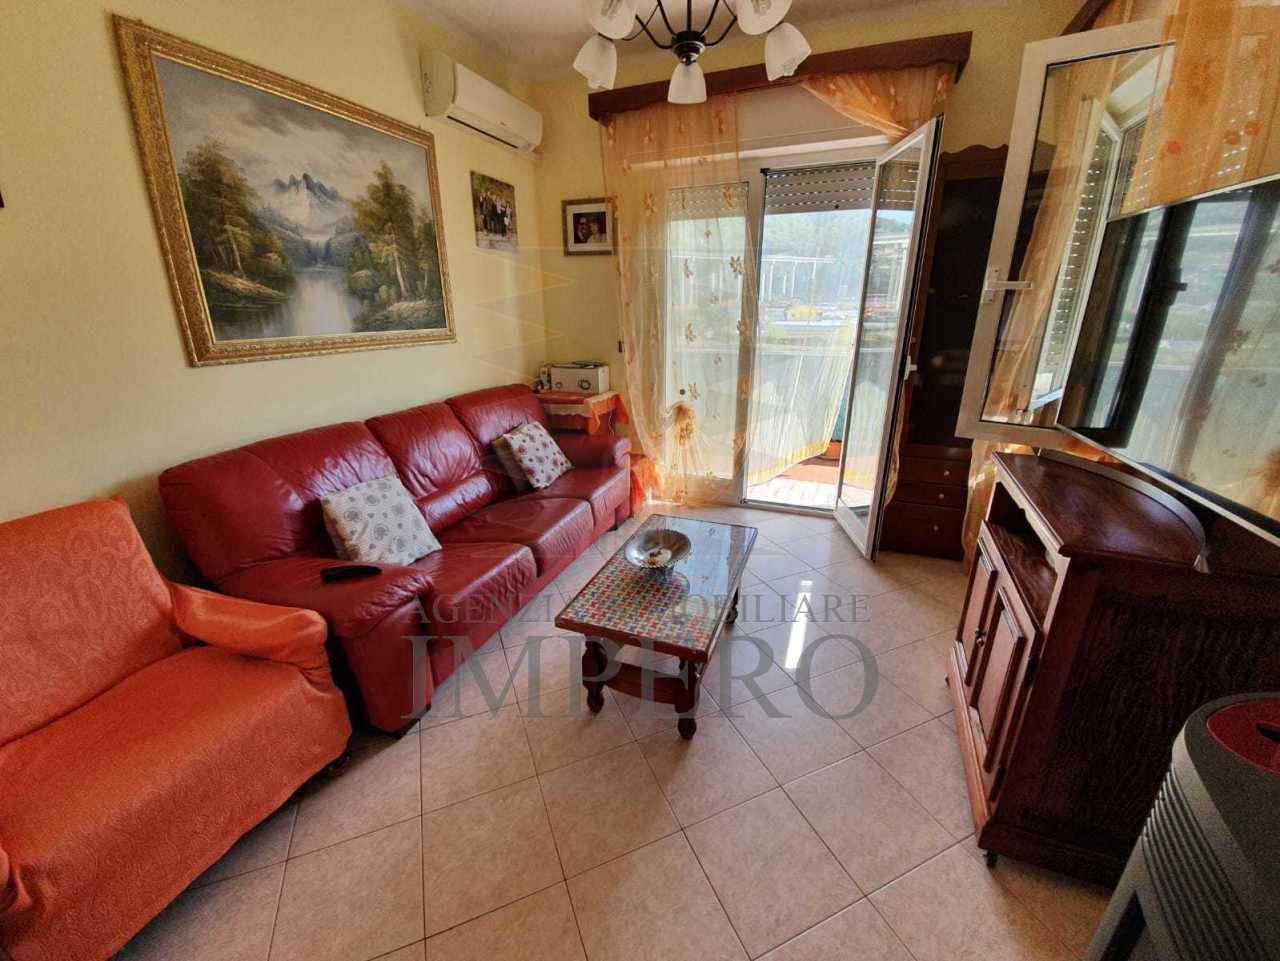 Appartamento in vendita a Camporosso, 4 locali, prezzo € 159.000 | PortaleAgenzieImmobiliari.it